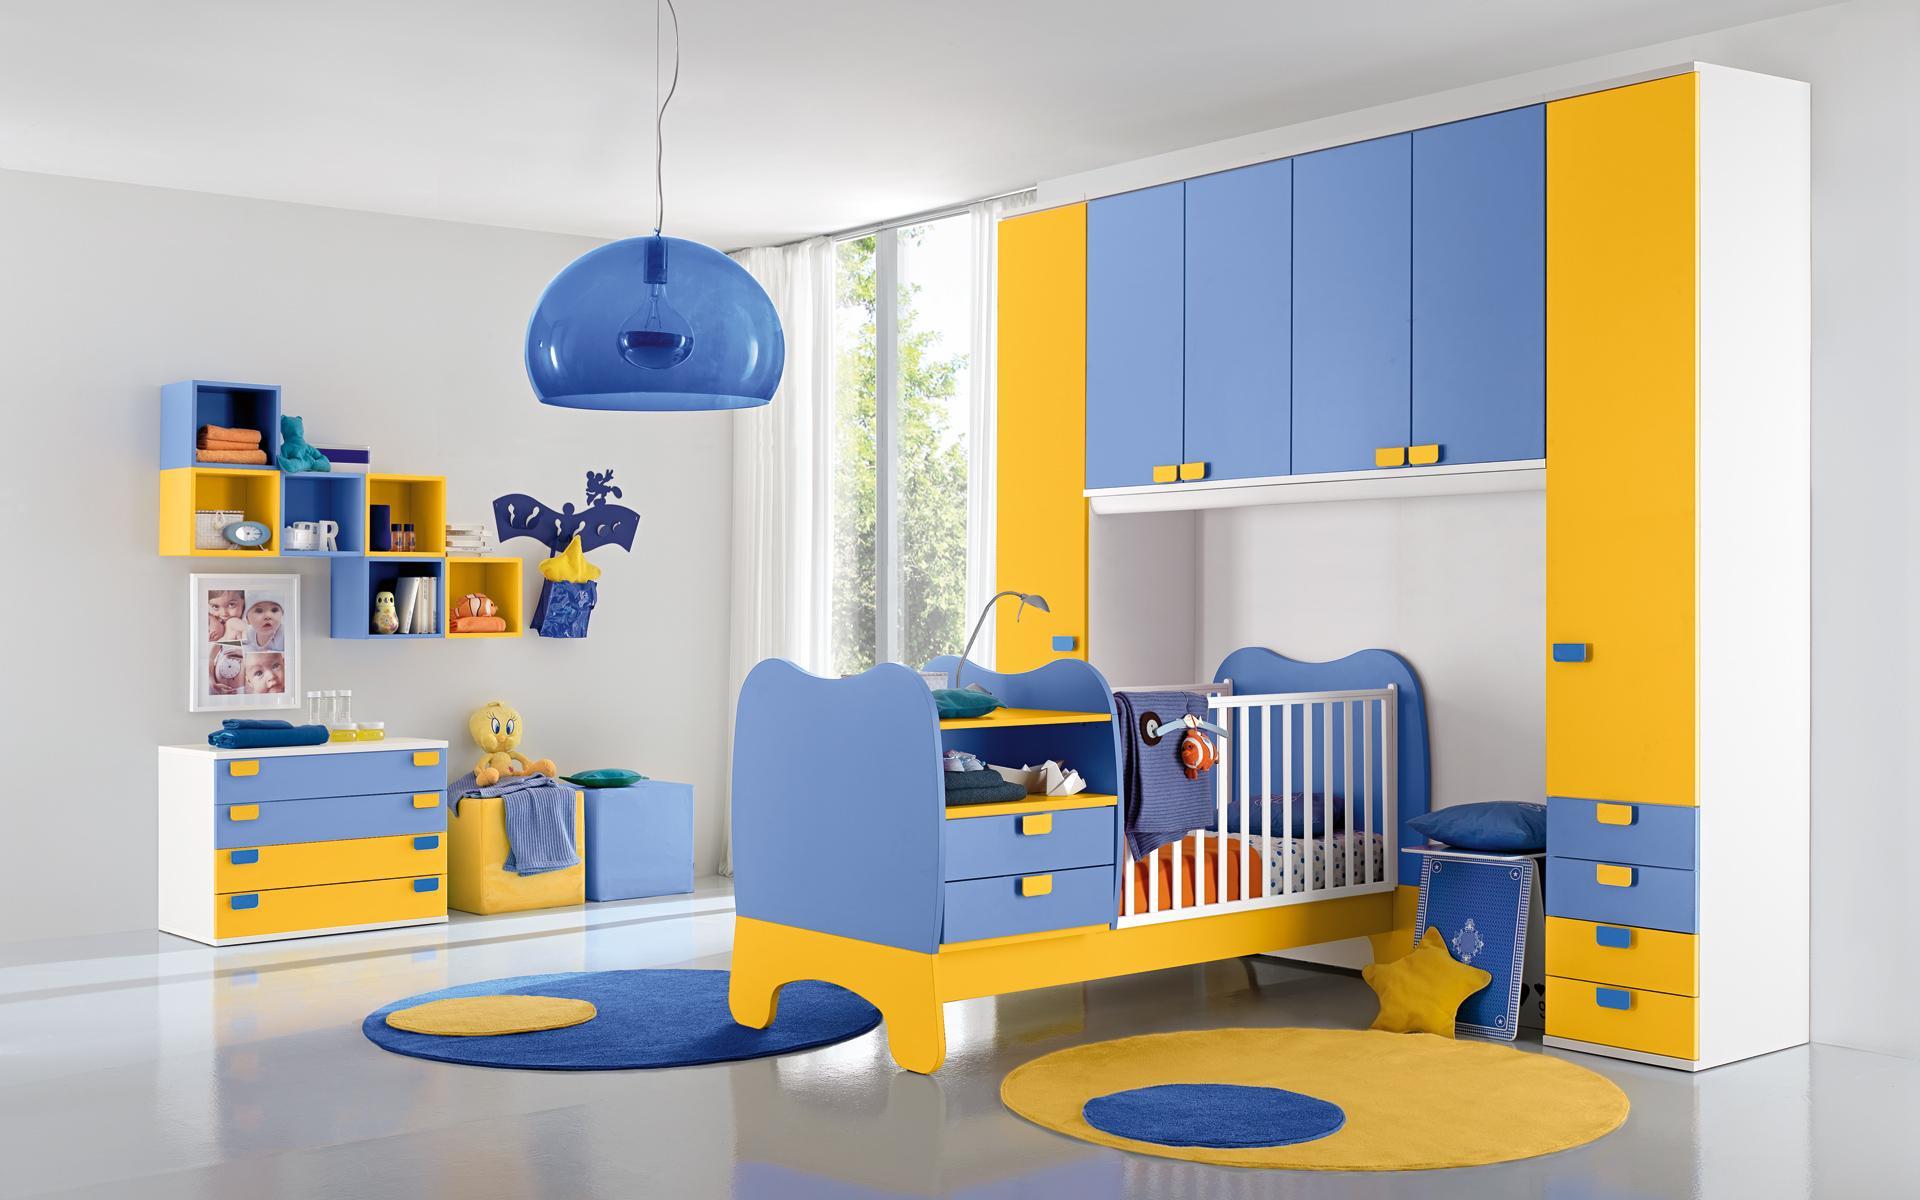 Cucine mobili castellammare di stabia na piani da for Casa 2 camere da letto piani in stile indiano